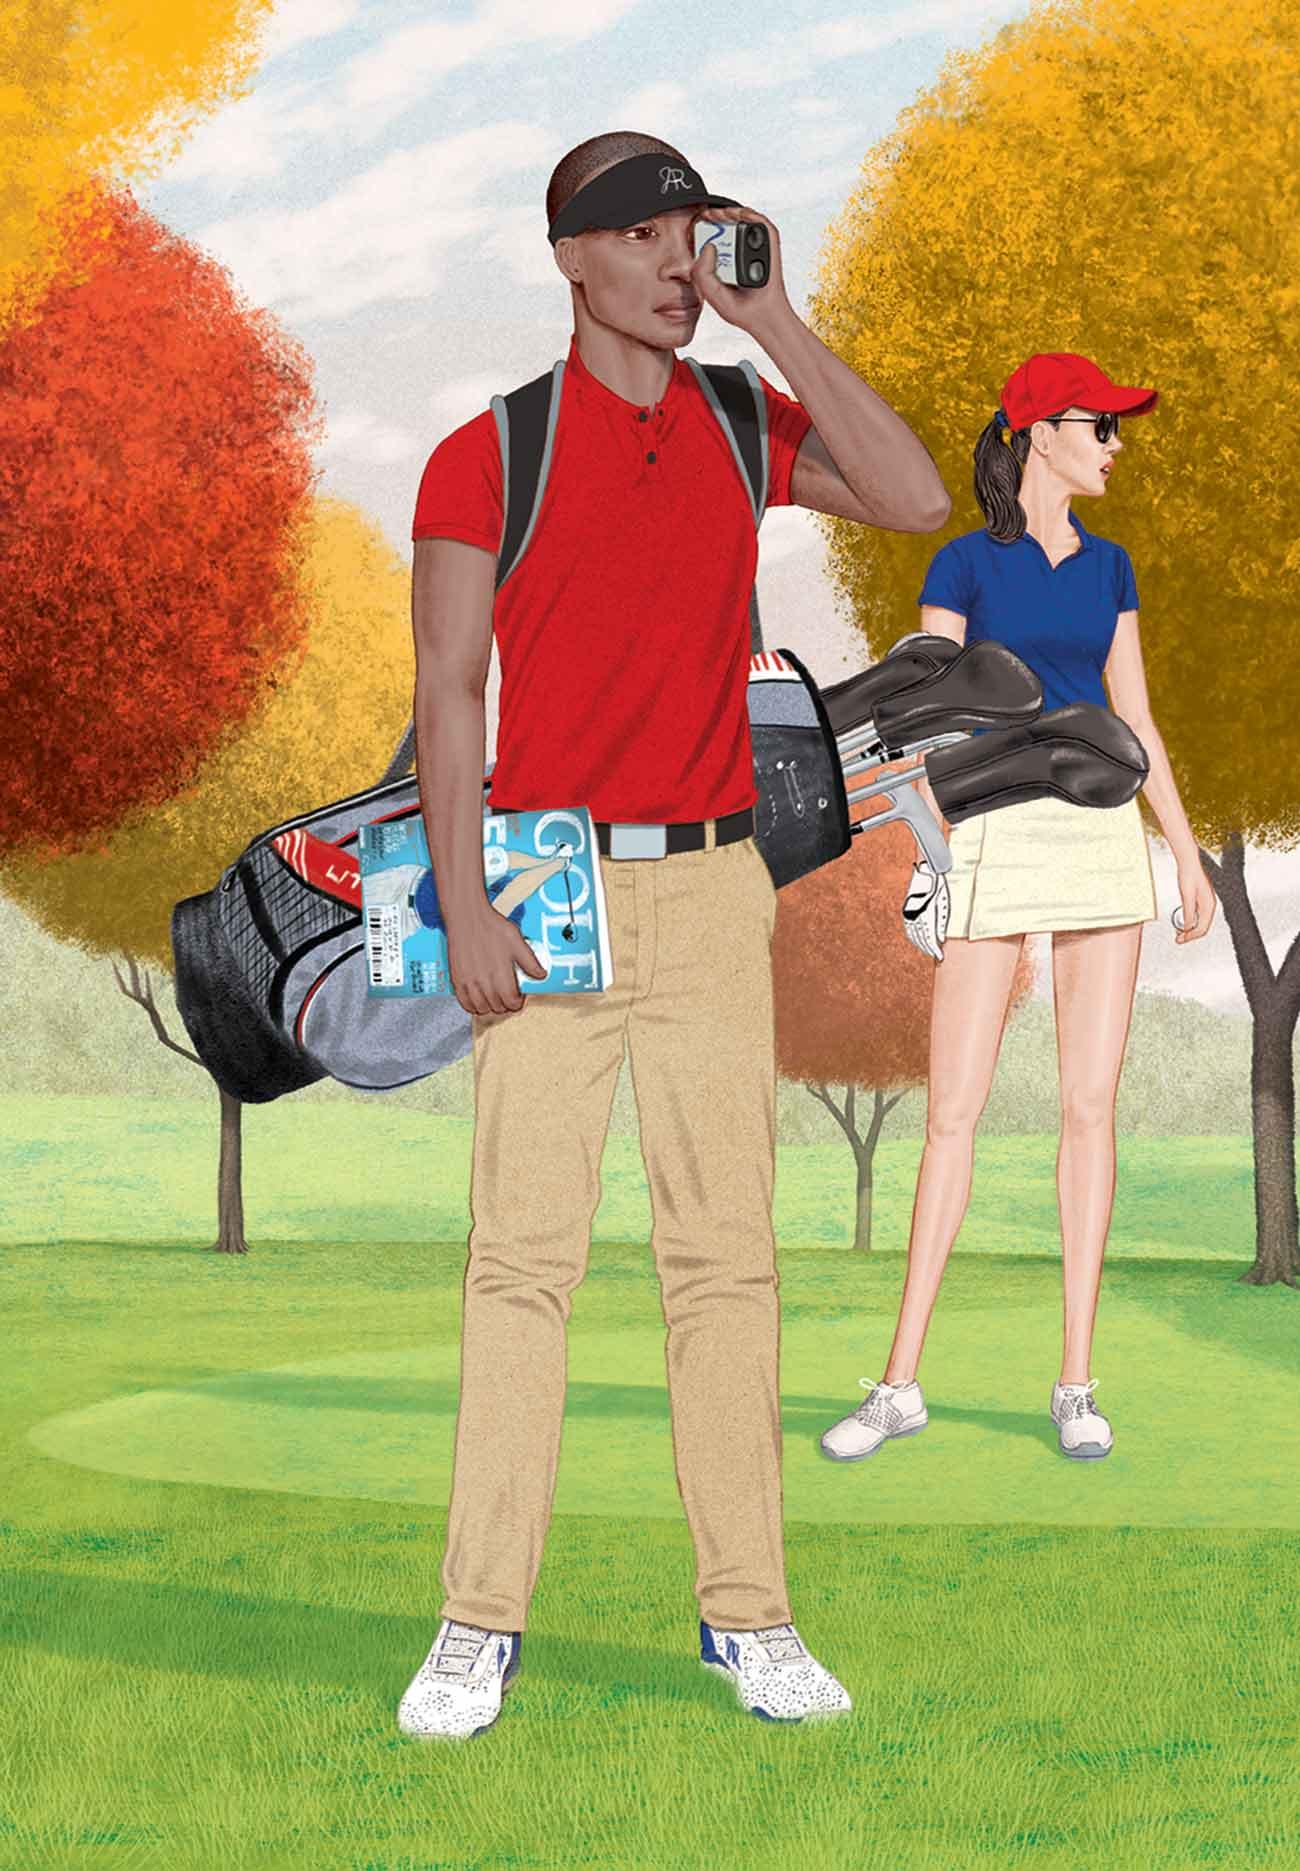 The weekend warrior golfer illustration.